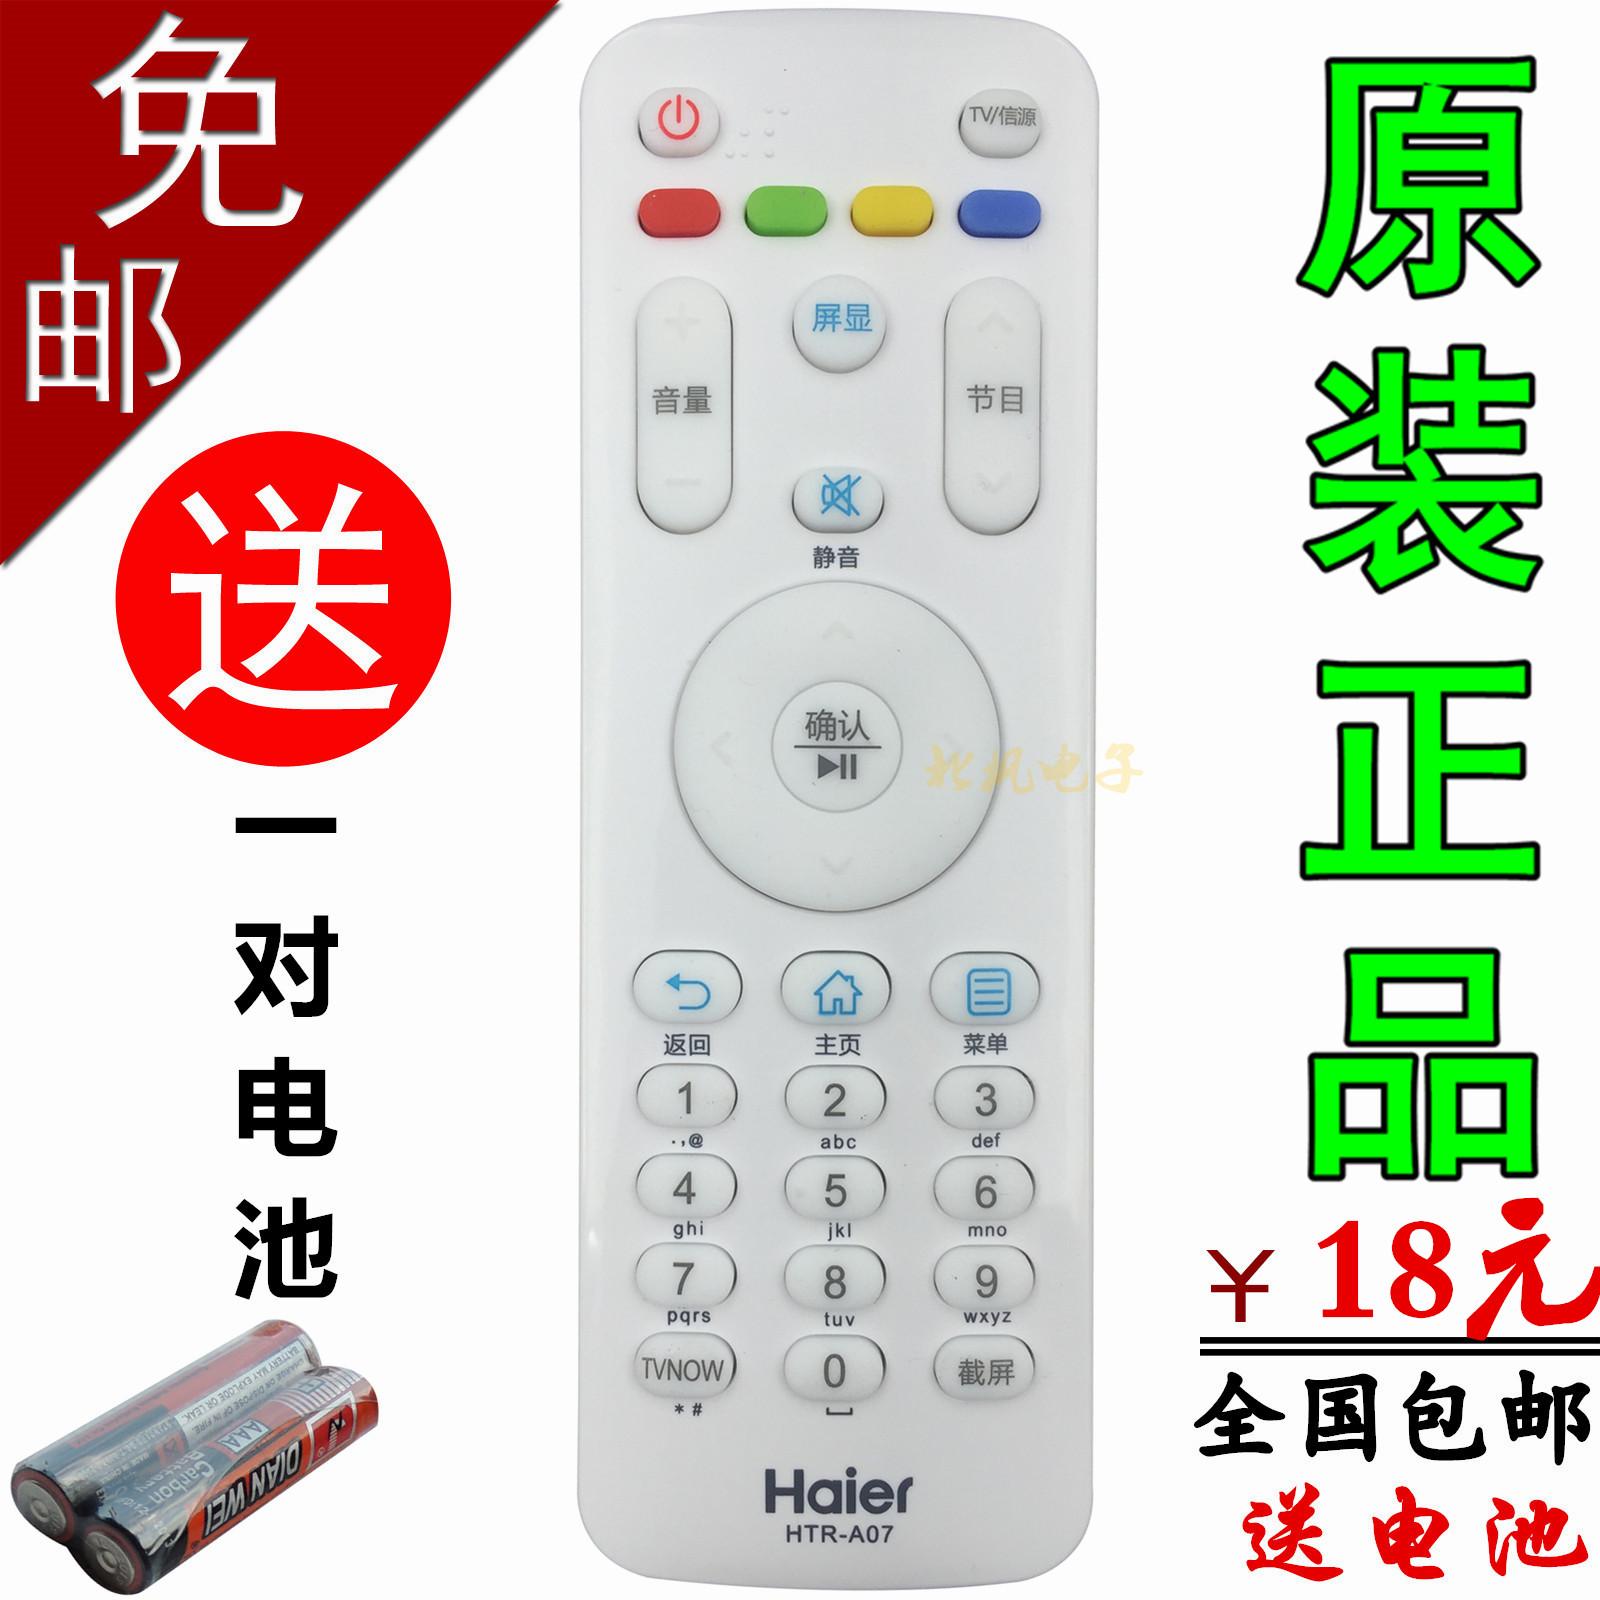 包邮!原装海尔电视机遥控器HTR-A07通A07M LE55A7100L 32A7100L